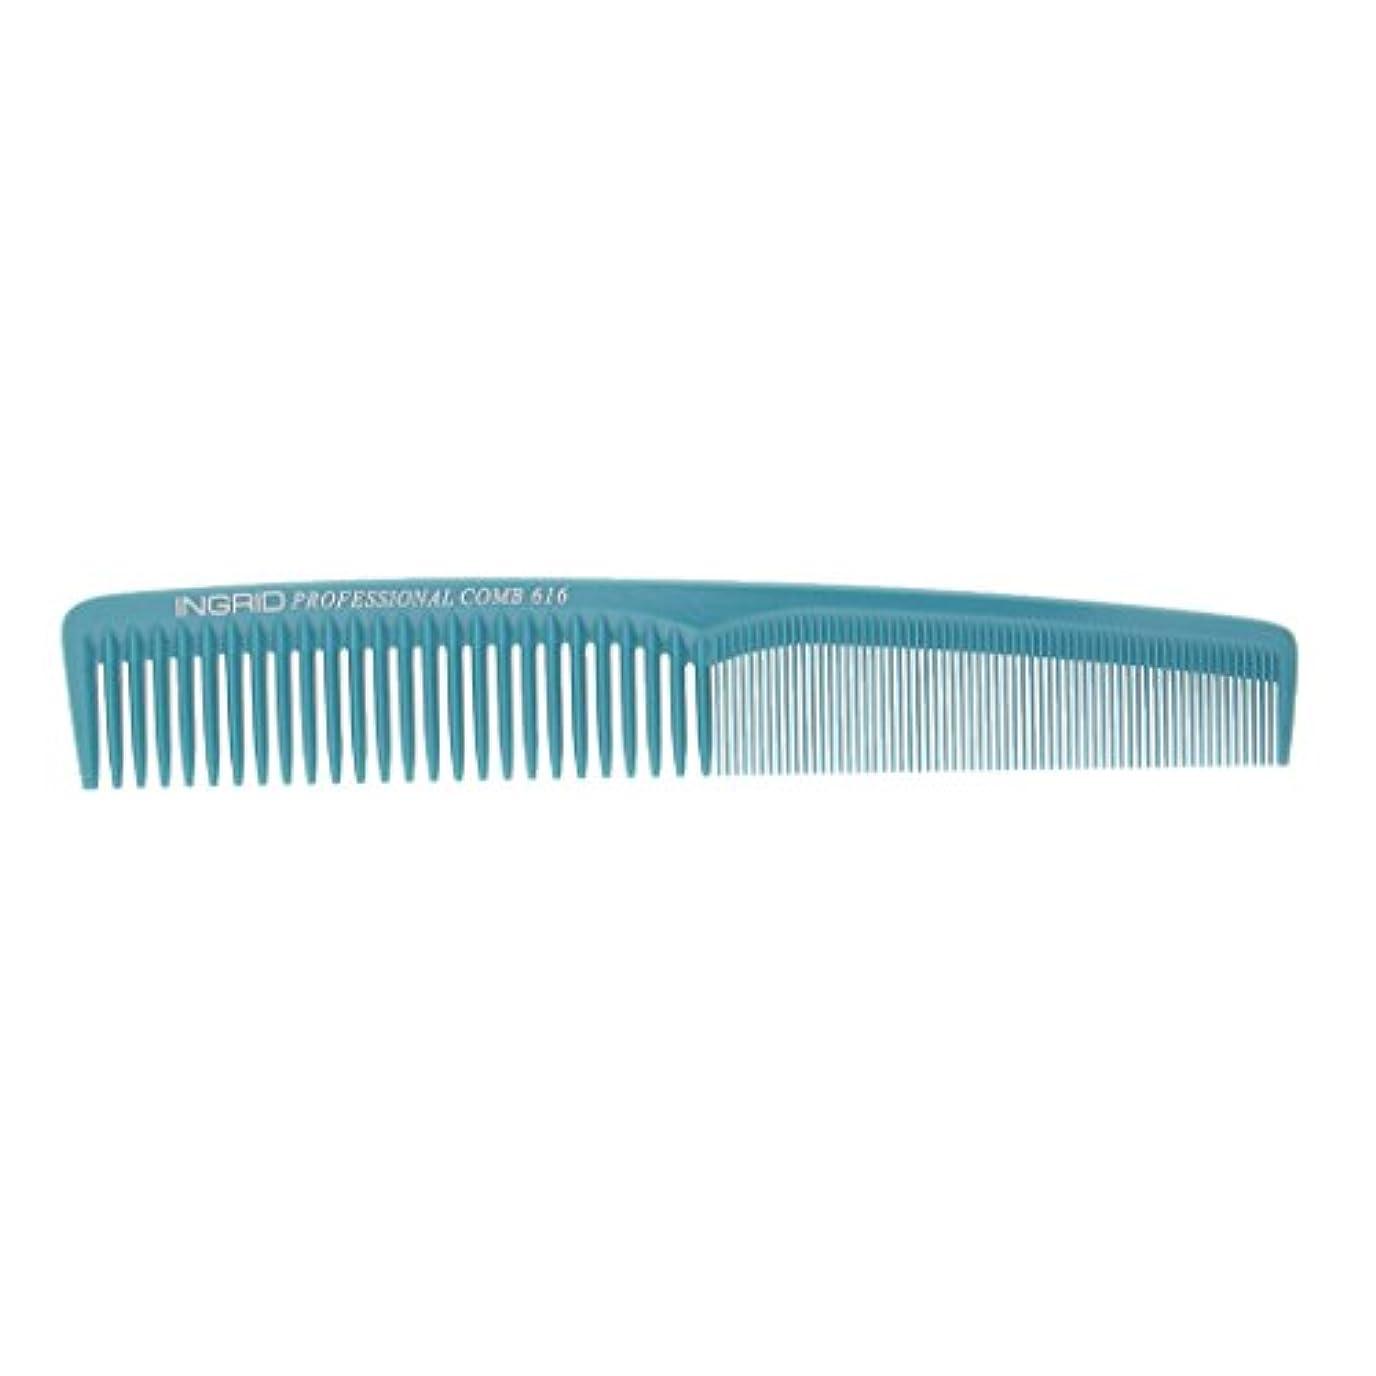 再編成する囚人協同FutuHome ファッショナブルなヘアカット理髪師美容院プラスチック製の櫛 - ライトブルー